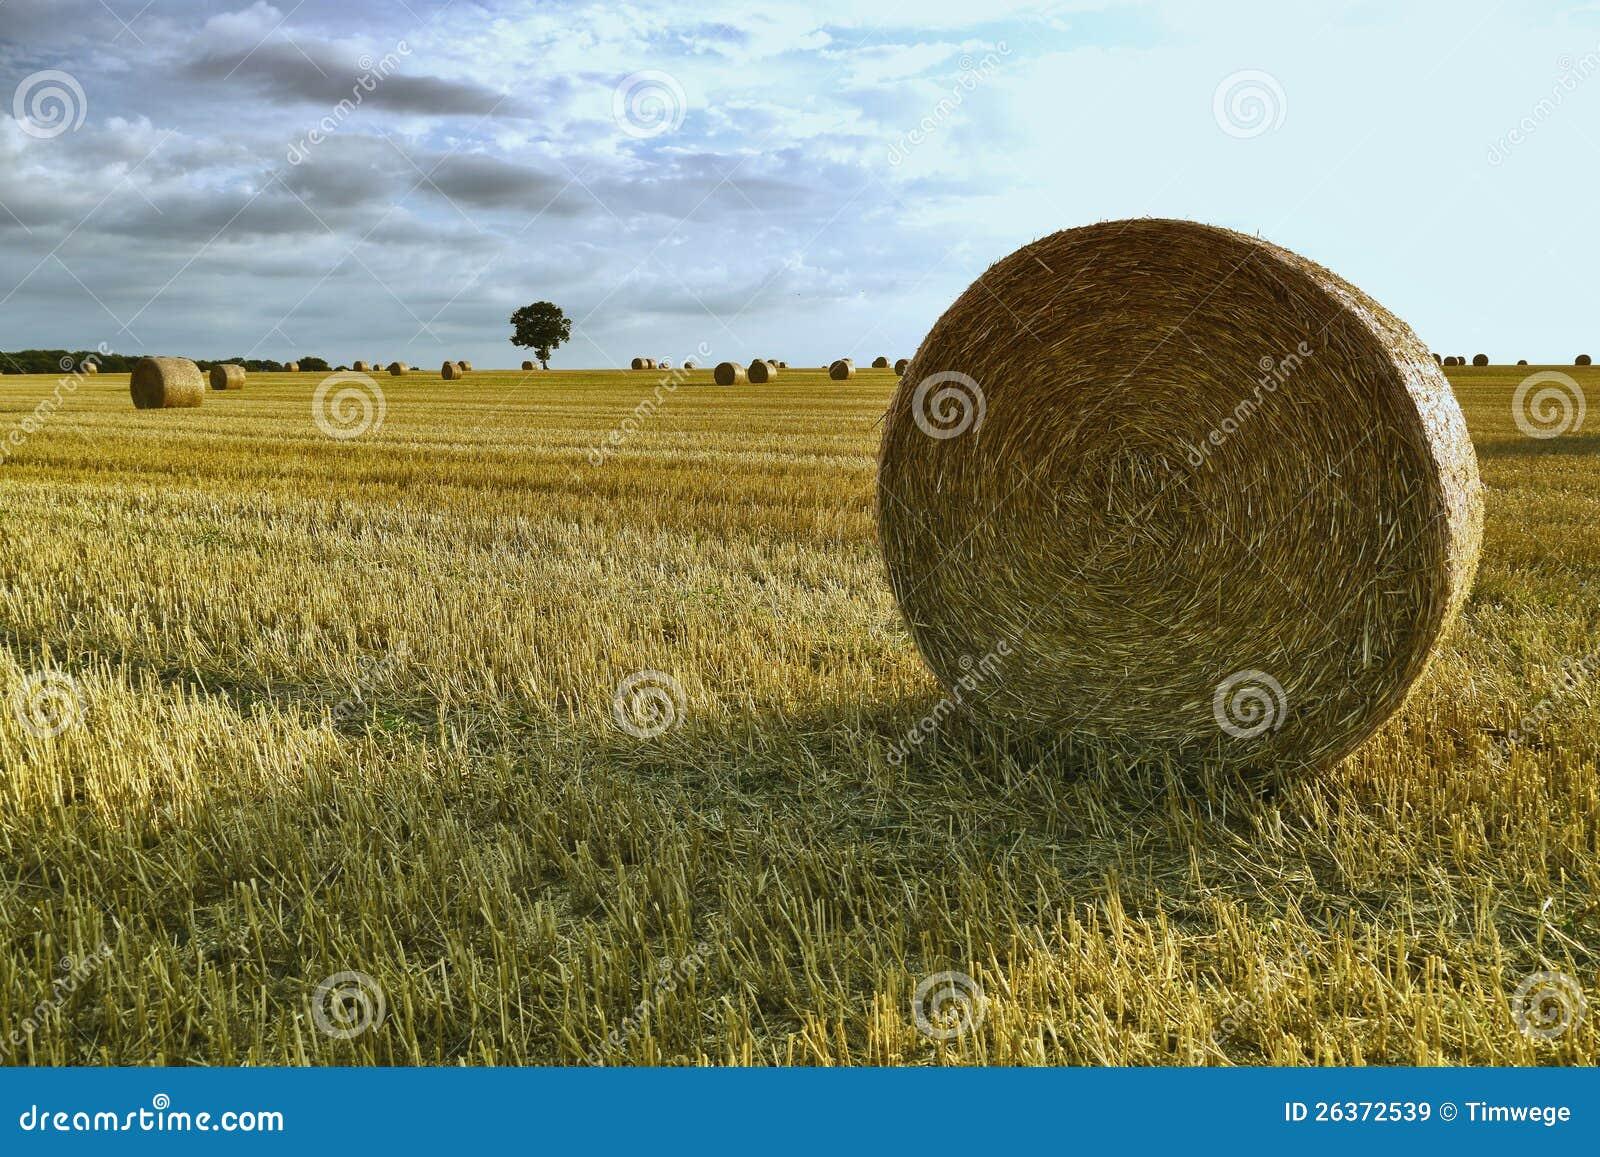 Heuballen auf einem Korngebiet